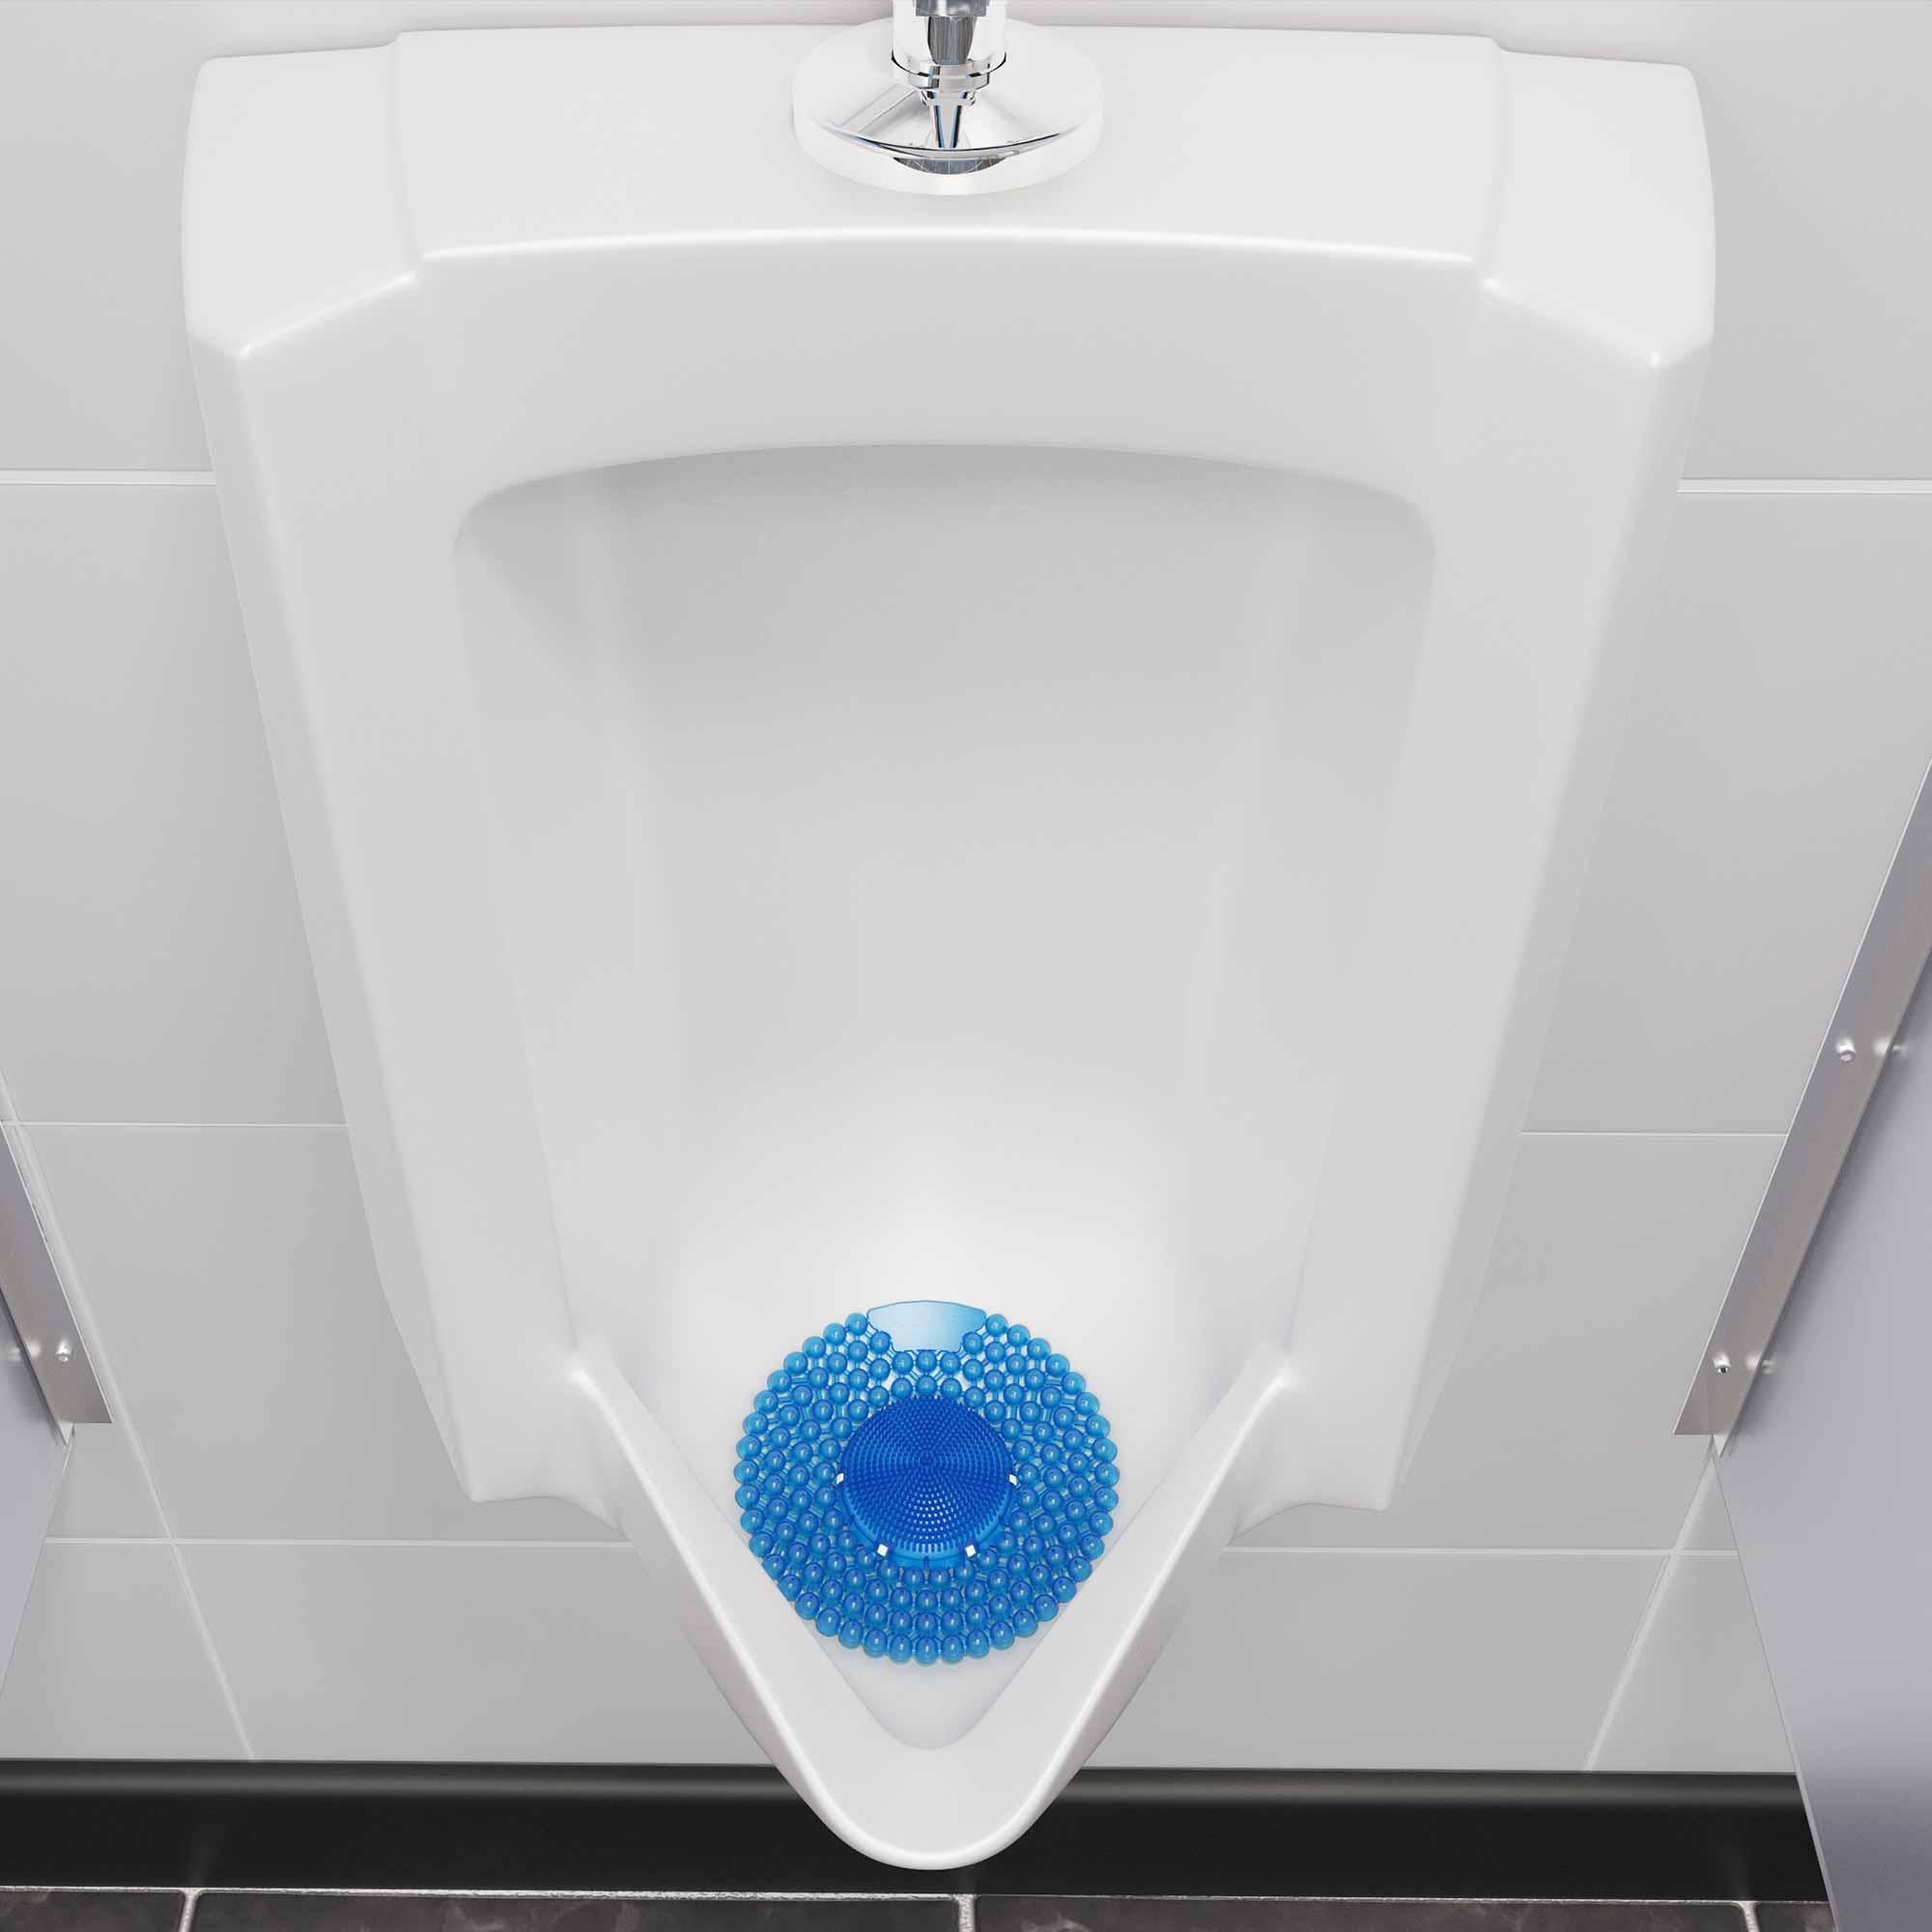 P-Screen in urinal